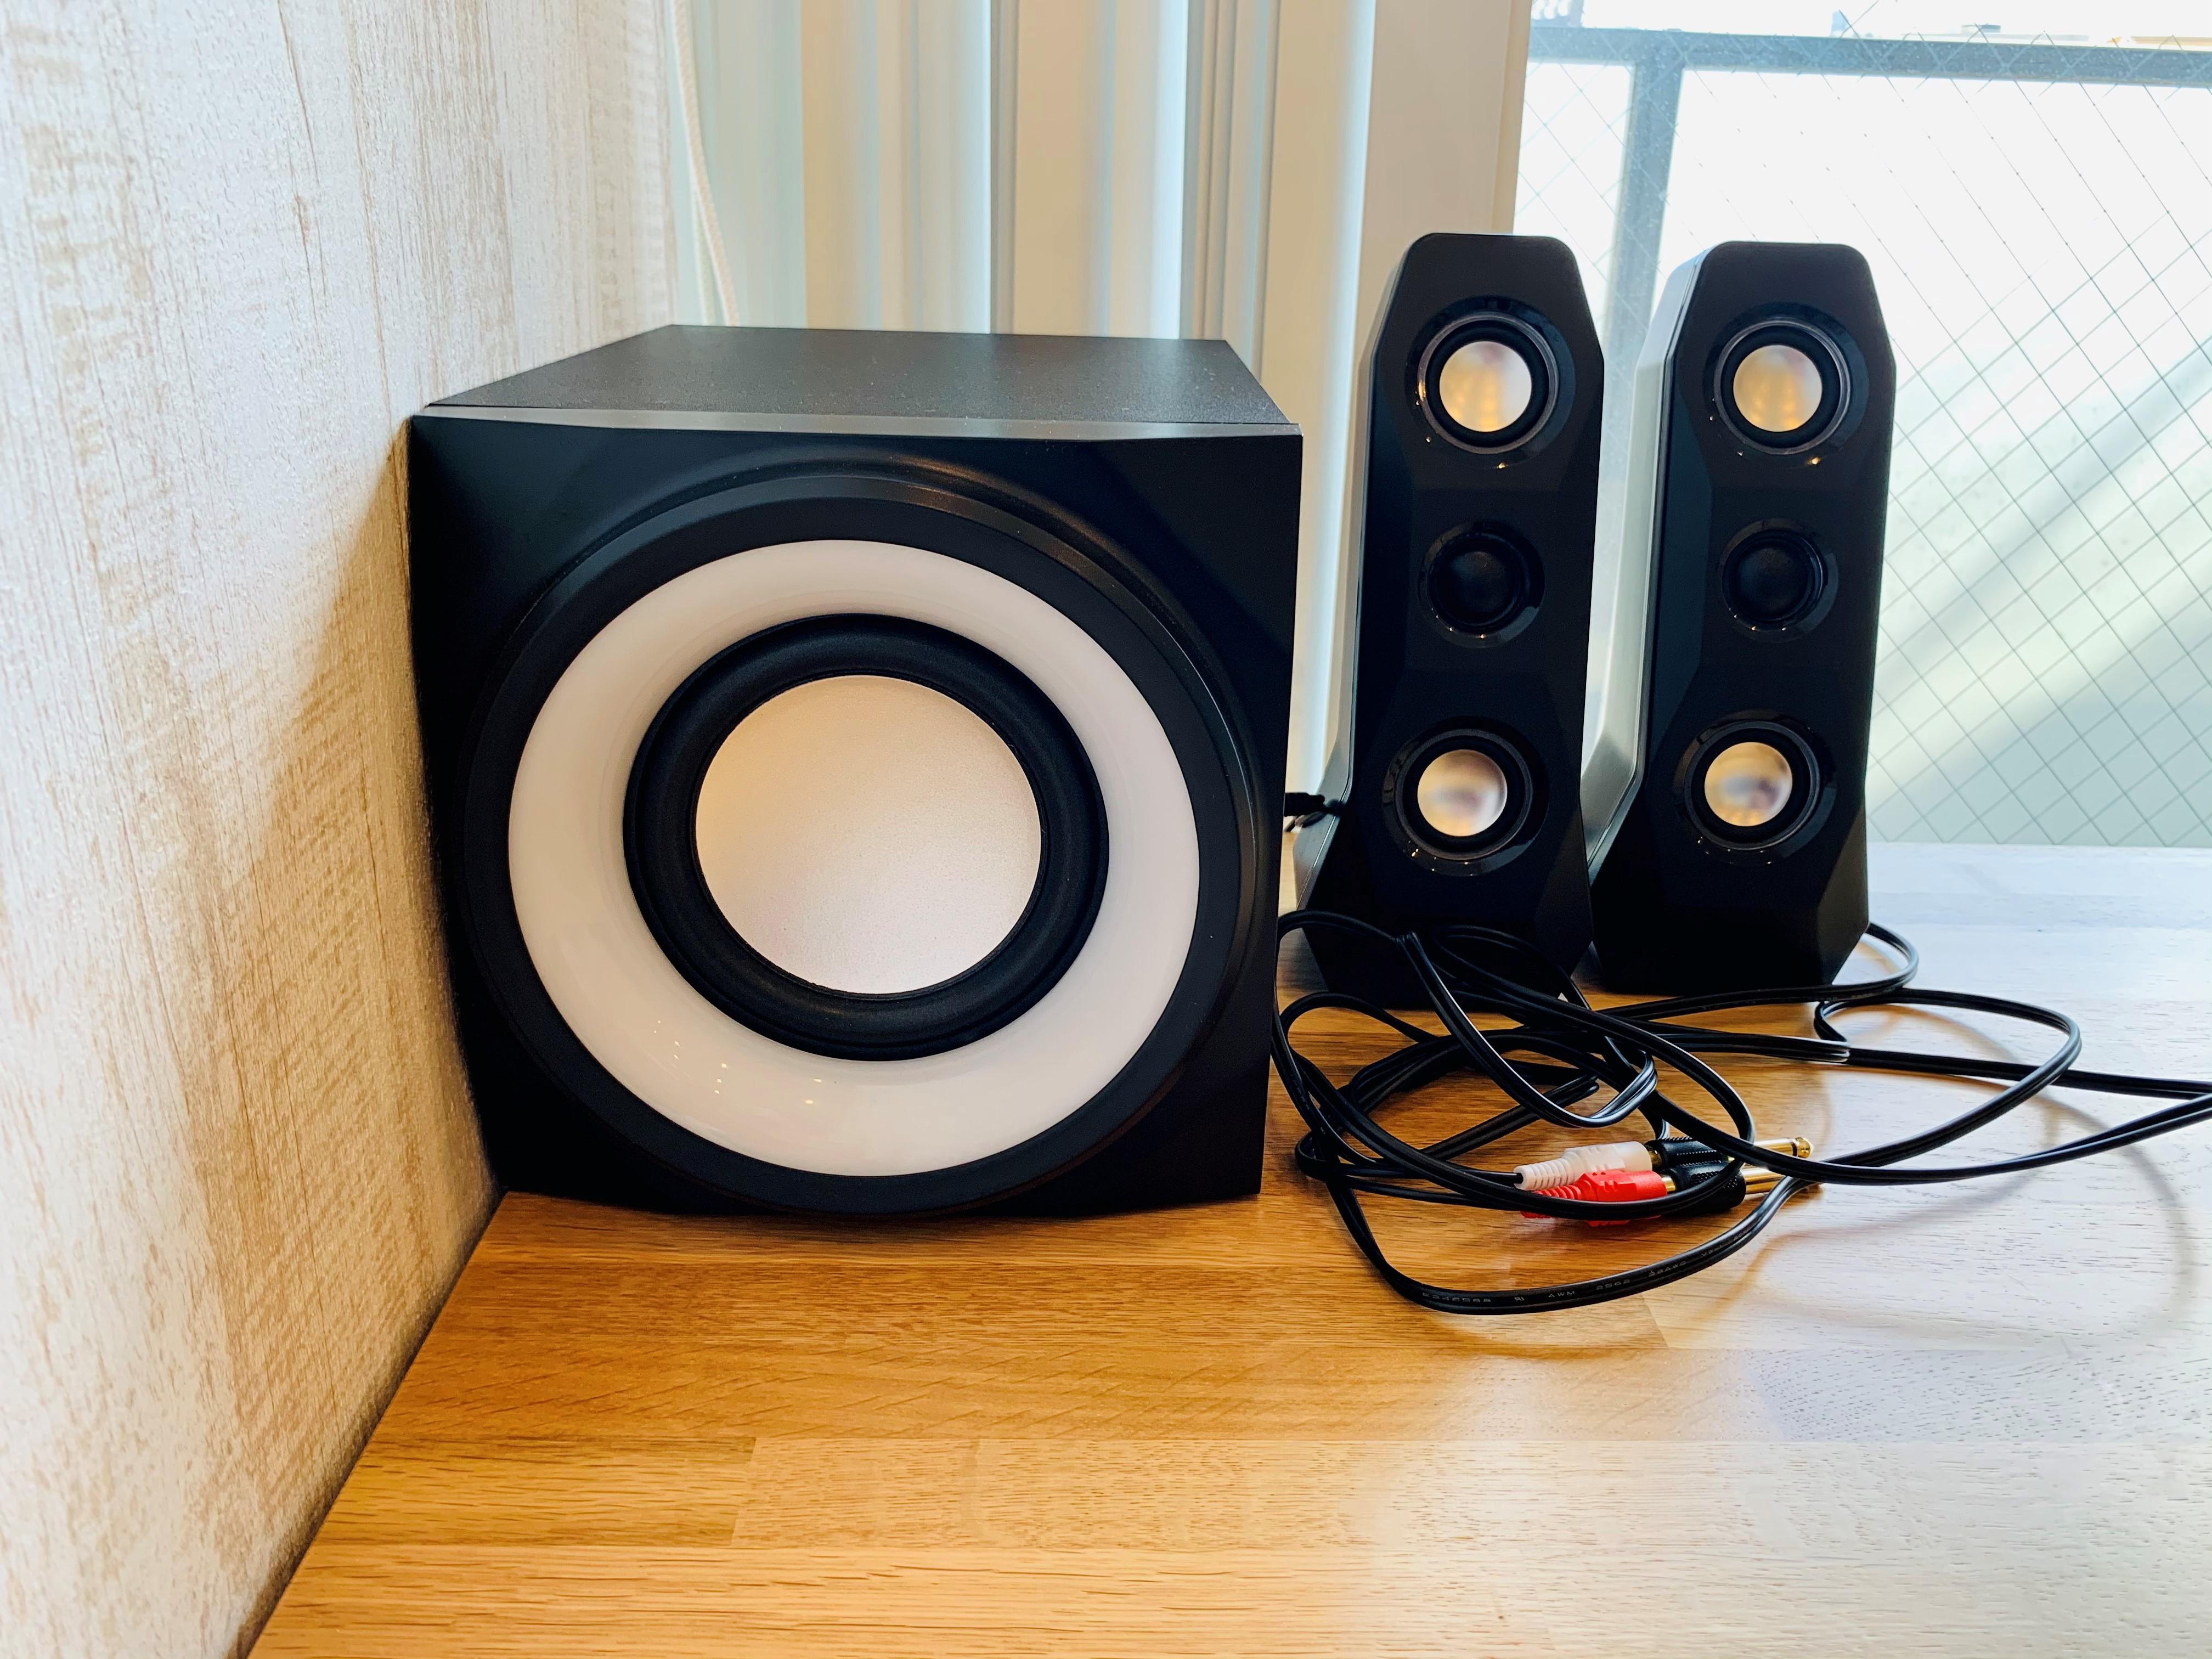 スピーカー (2.1ch アンプ内蔵スピーカー) ※大きすぎる音はご遠慮ください - 【多目的スペース】会議・撮影など 自由に使えるフリースペース の設備の写真